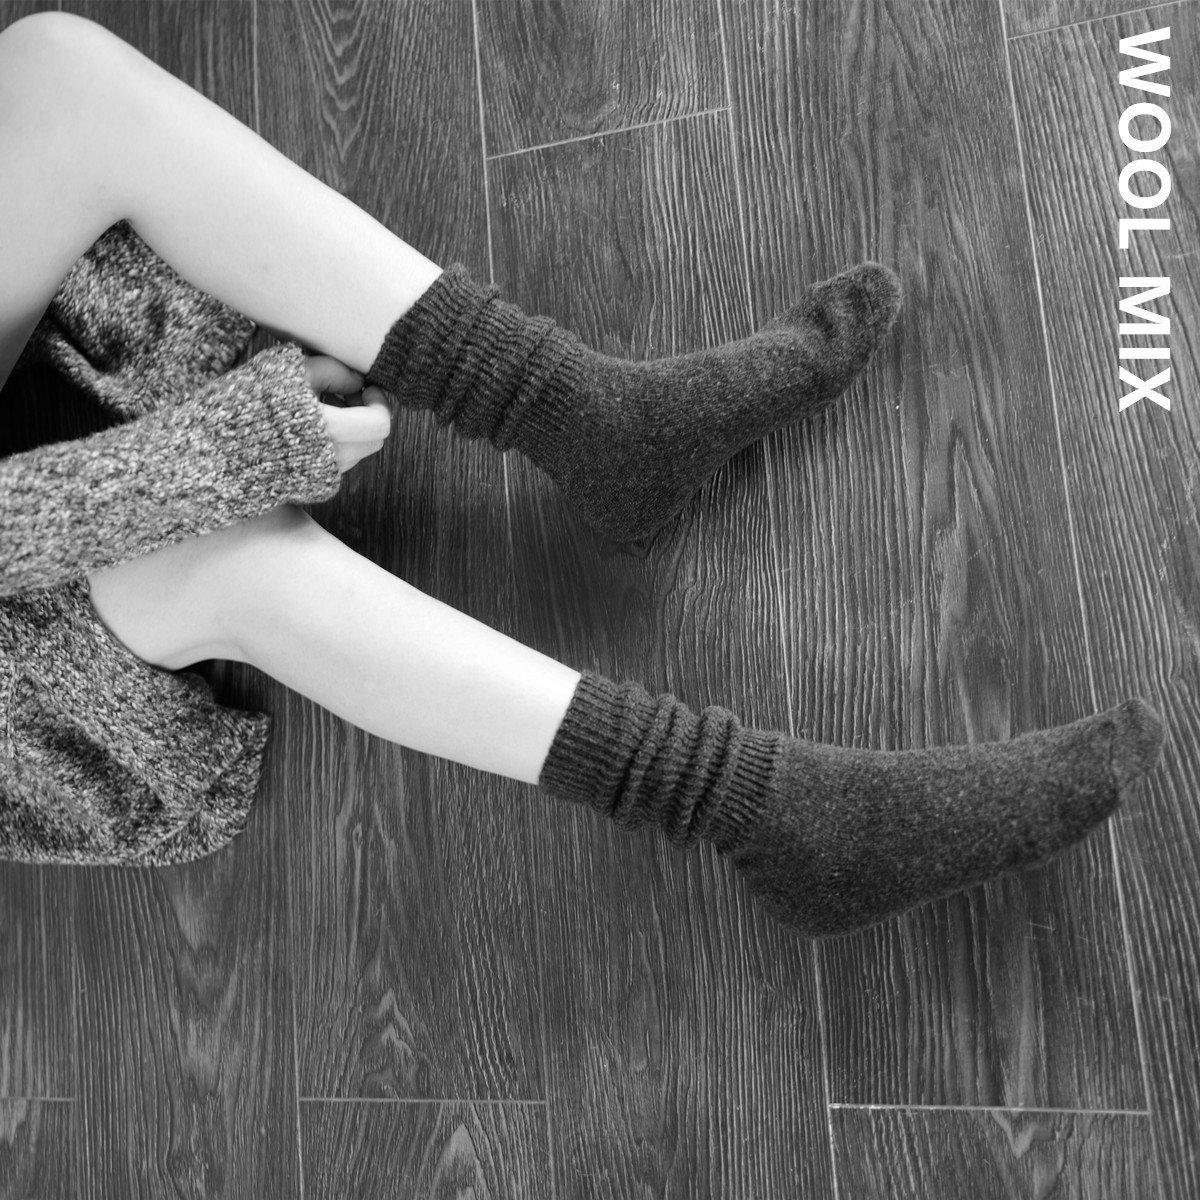 Las mujeres solteras originales calcetines_otoño e invierno de color sólido transpirable silvestres cálida lana borde doble storehouse de calcetines(2 pares) y el azul, UMCCY